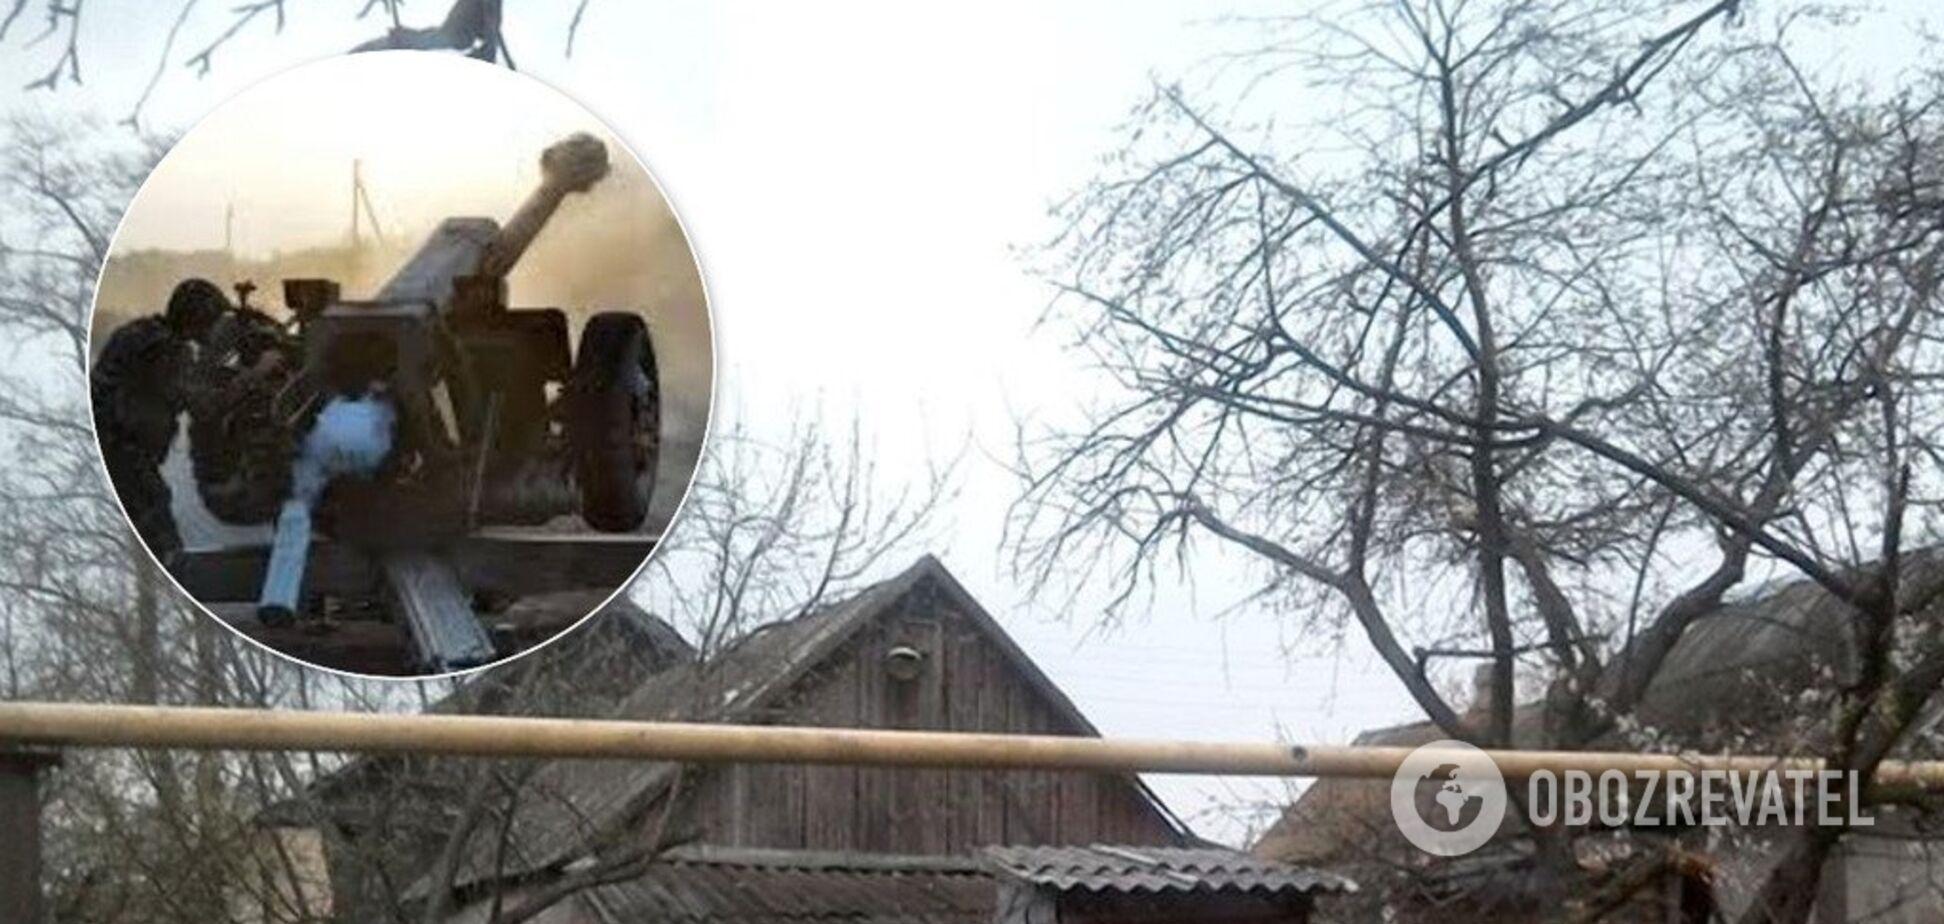 Будують бліндажі й підтягують міномети: терористи 'оселилися' в цивільних будинках на Донбасі